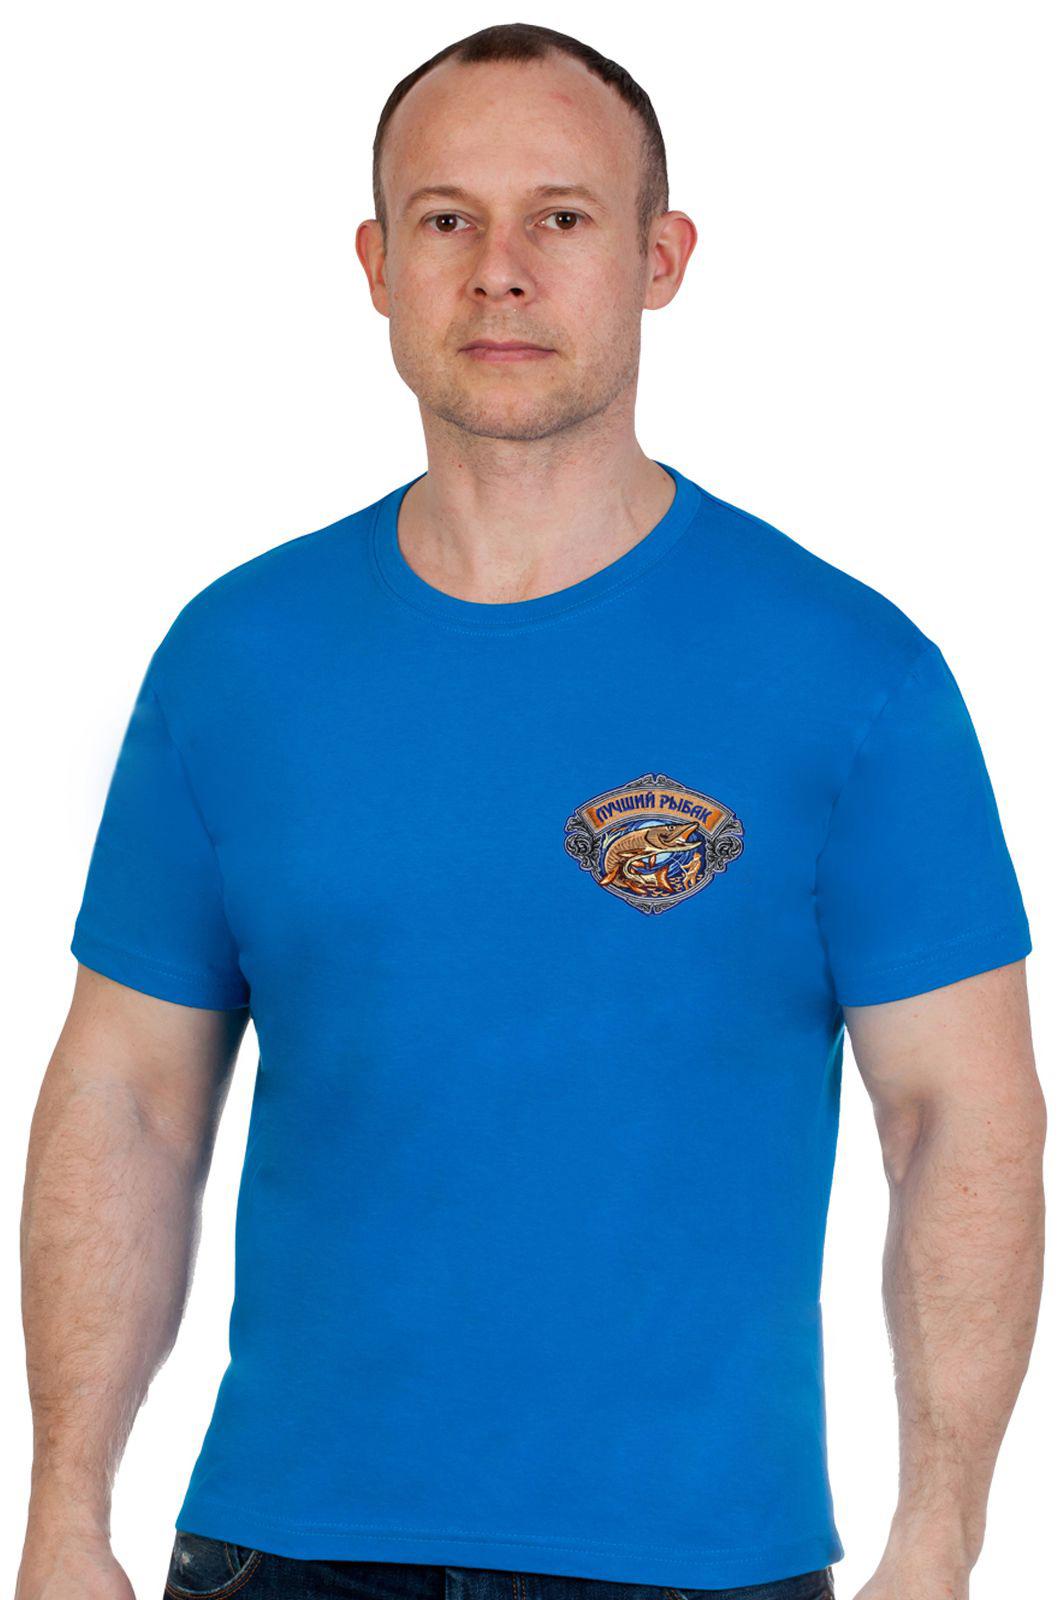 Купить крутую мужскую футболку Лучший Рыбак оптом или в розницу